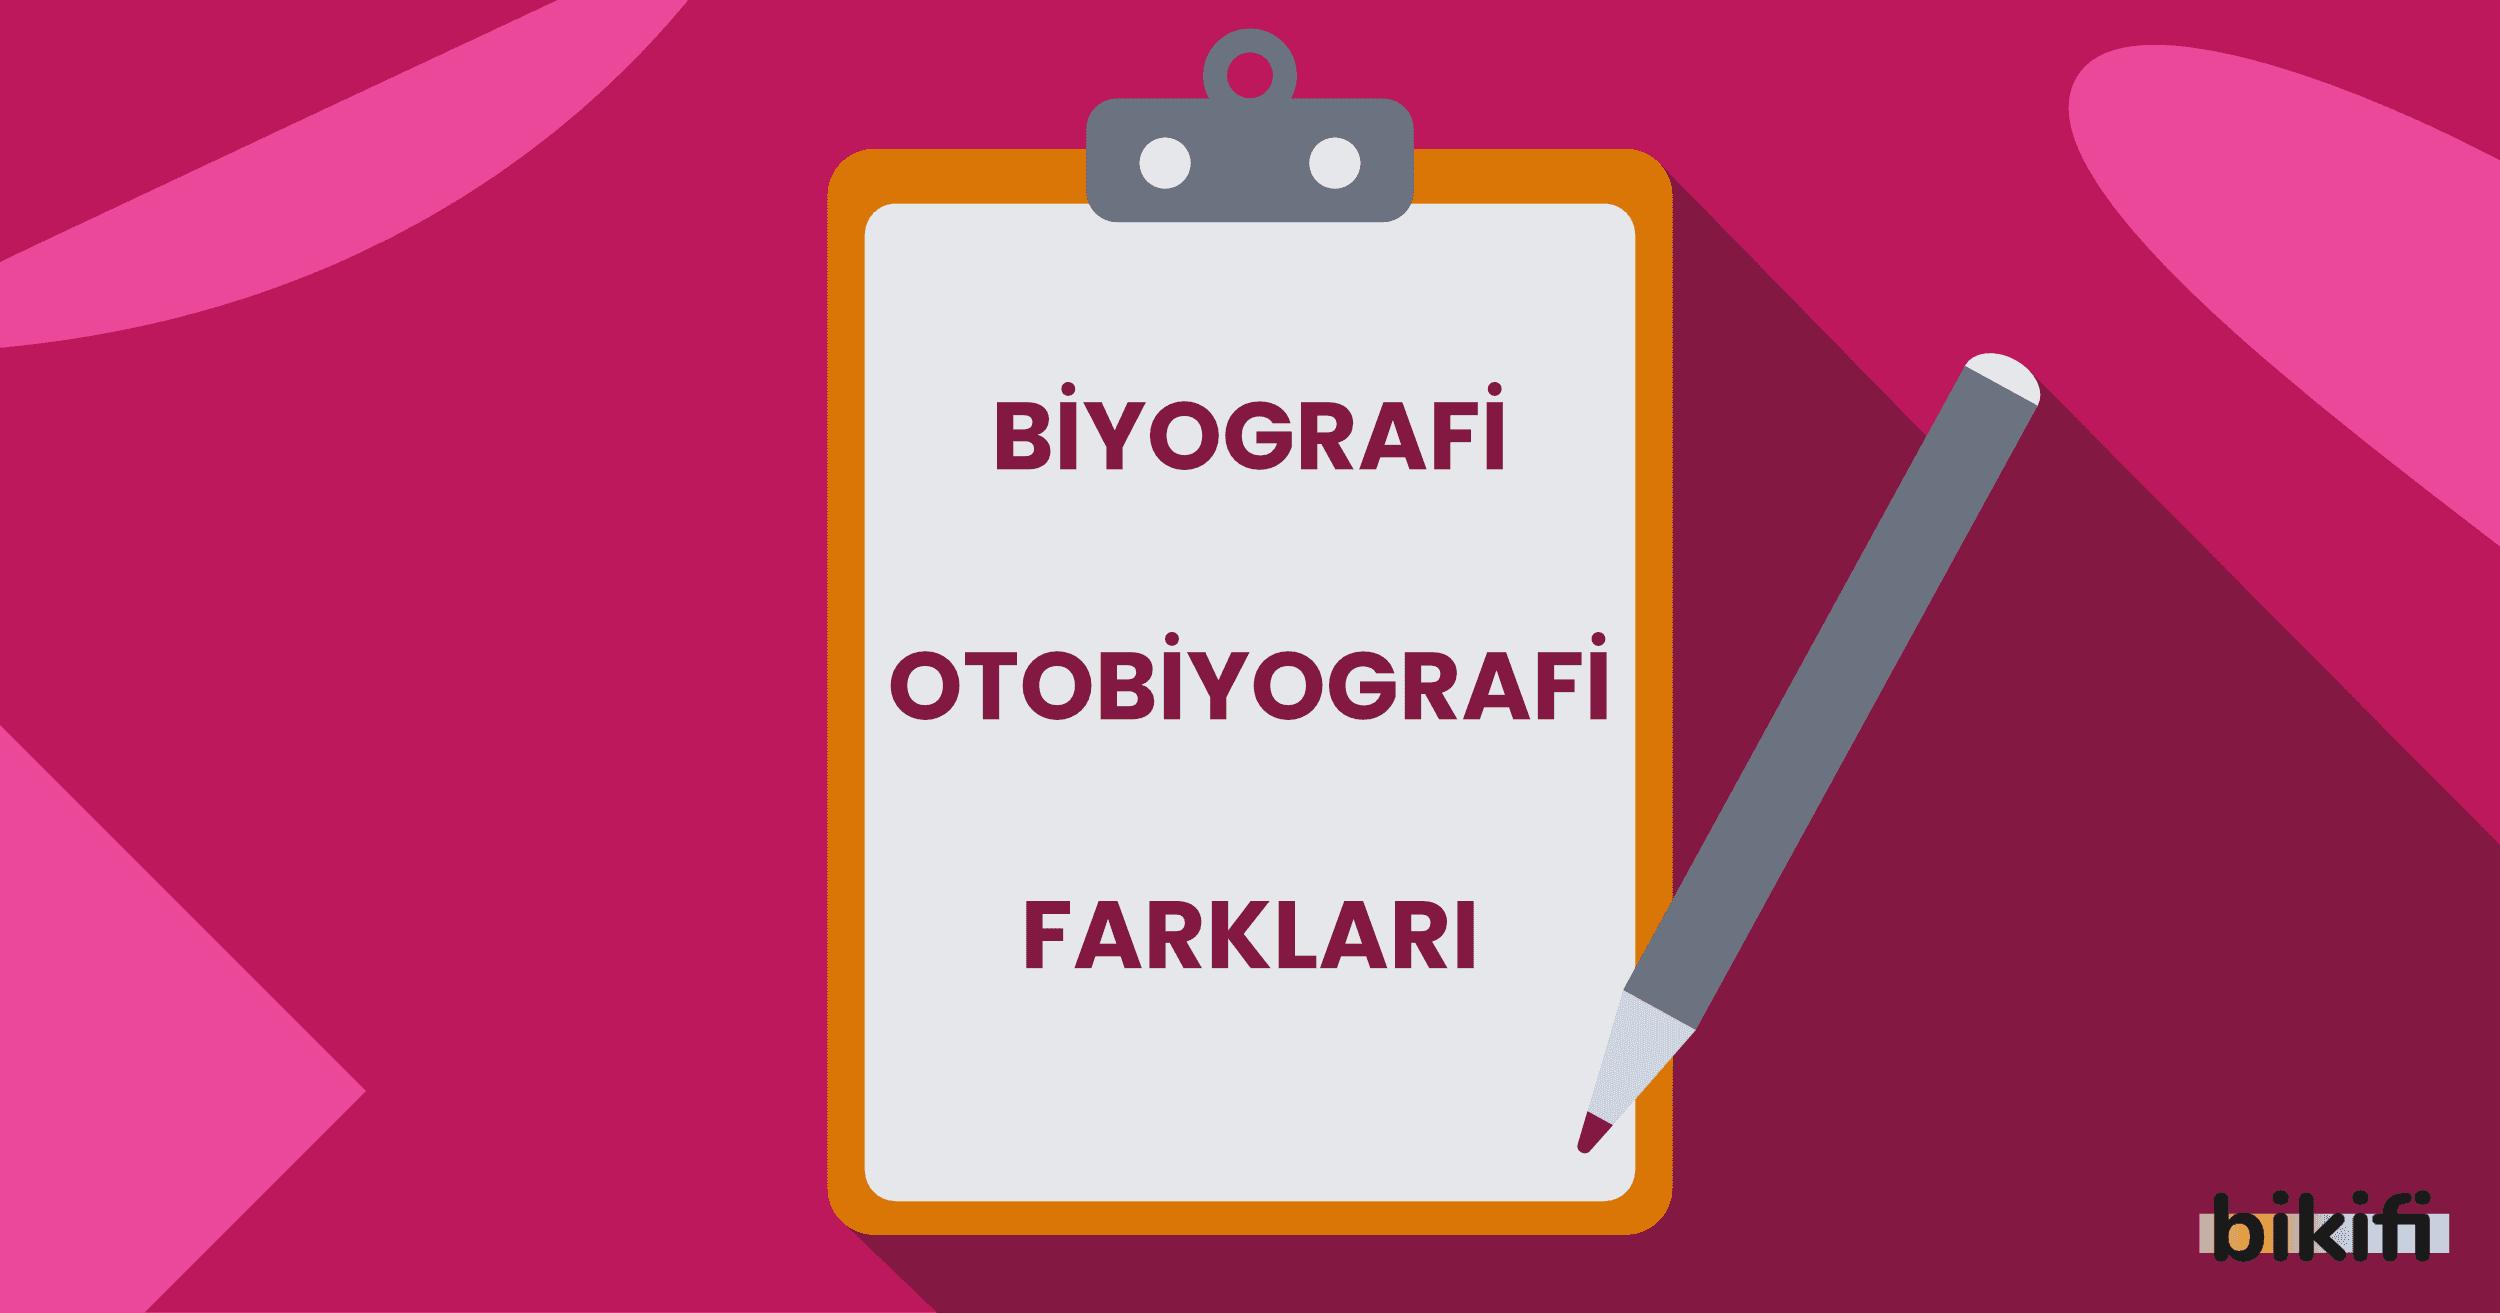 Biyografi-Otobiyografi Farkları